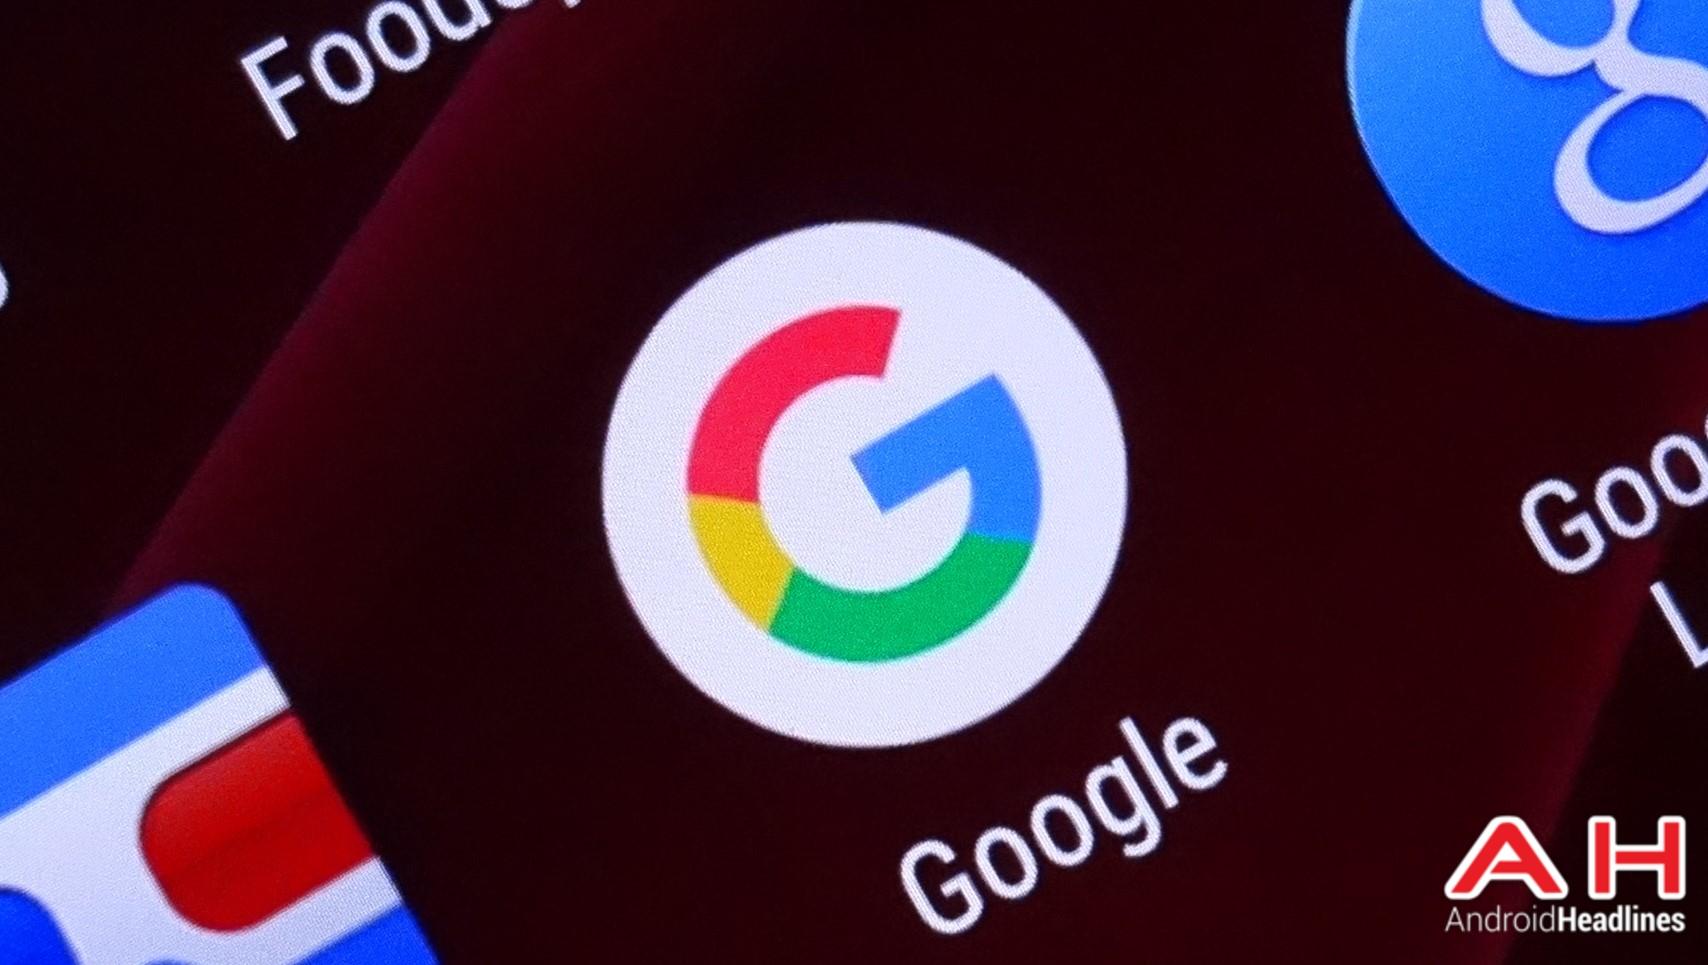 Pronto podrá instalar Apps en su Android directamente desde los resultados de búsqueda - TECHcetera